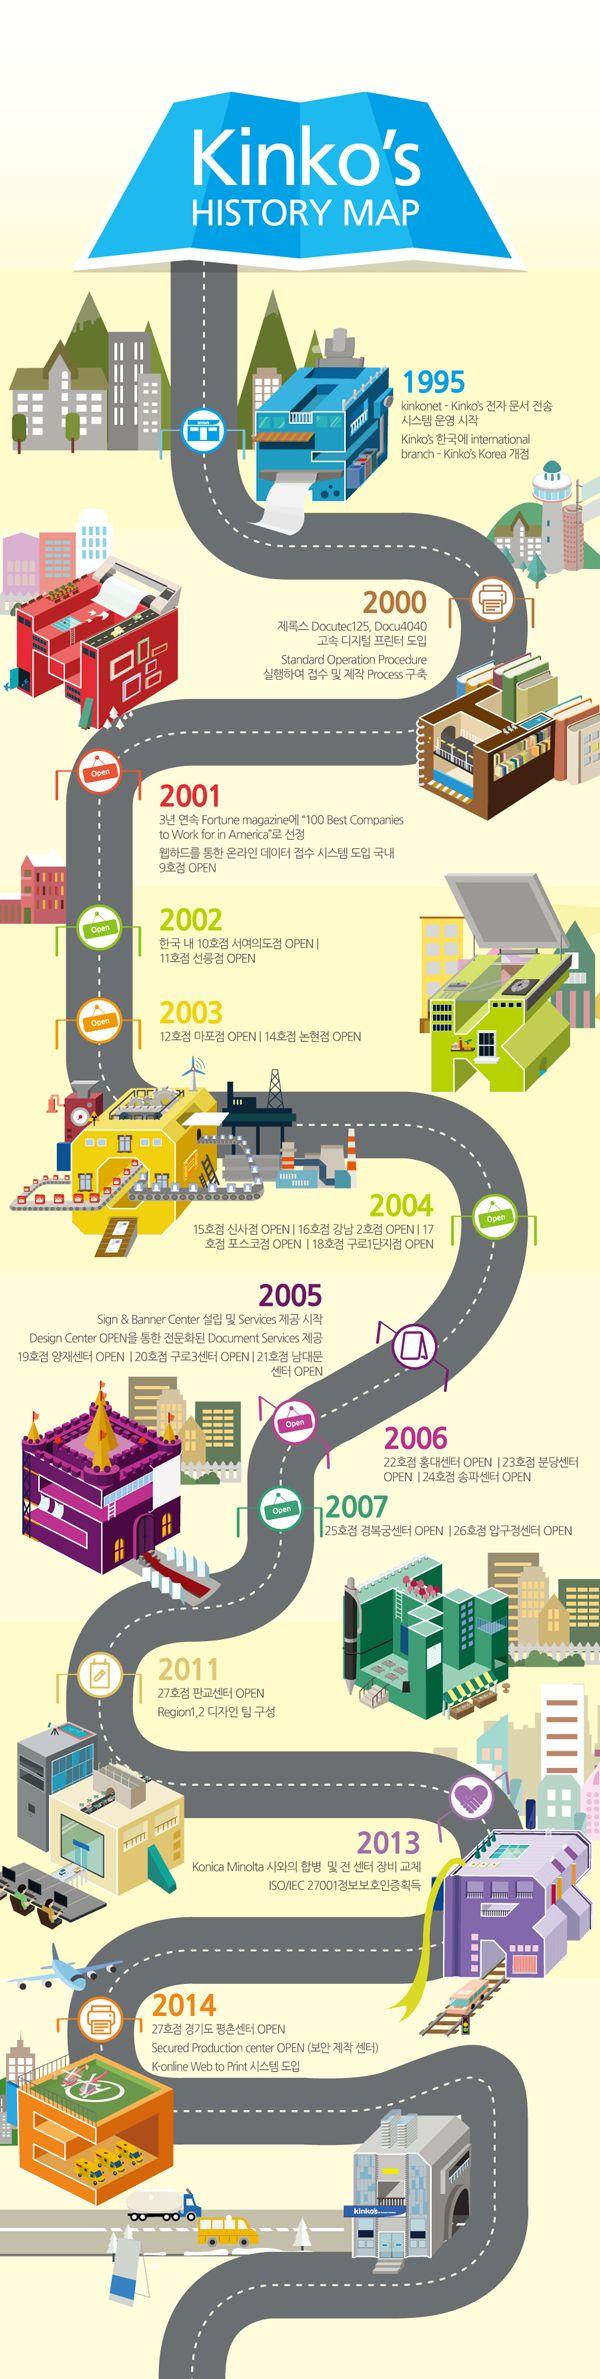 #킨코스 코리아 히스토리 #kinkos history kinkos korea의 글자를 활용한 #인포그래픽(infographic)